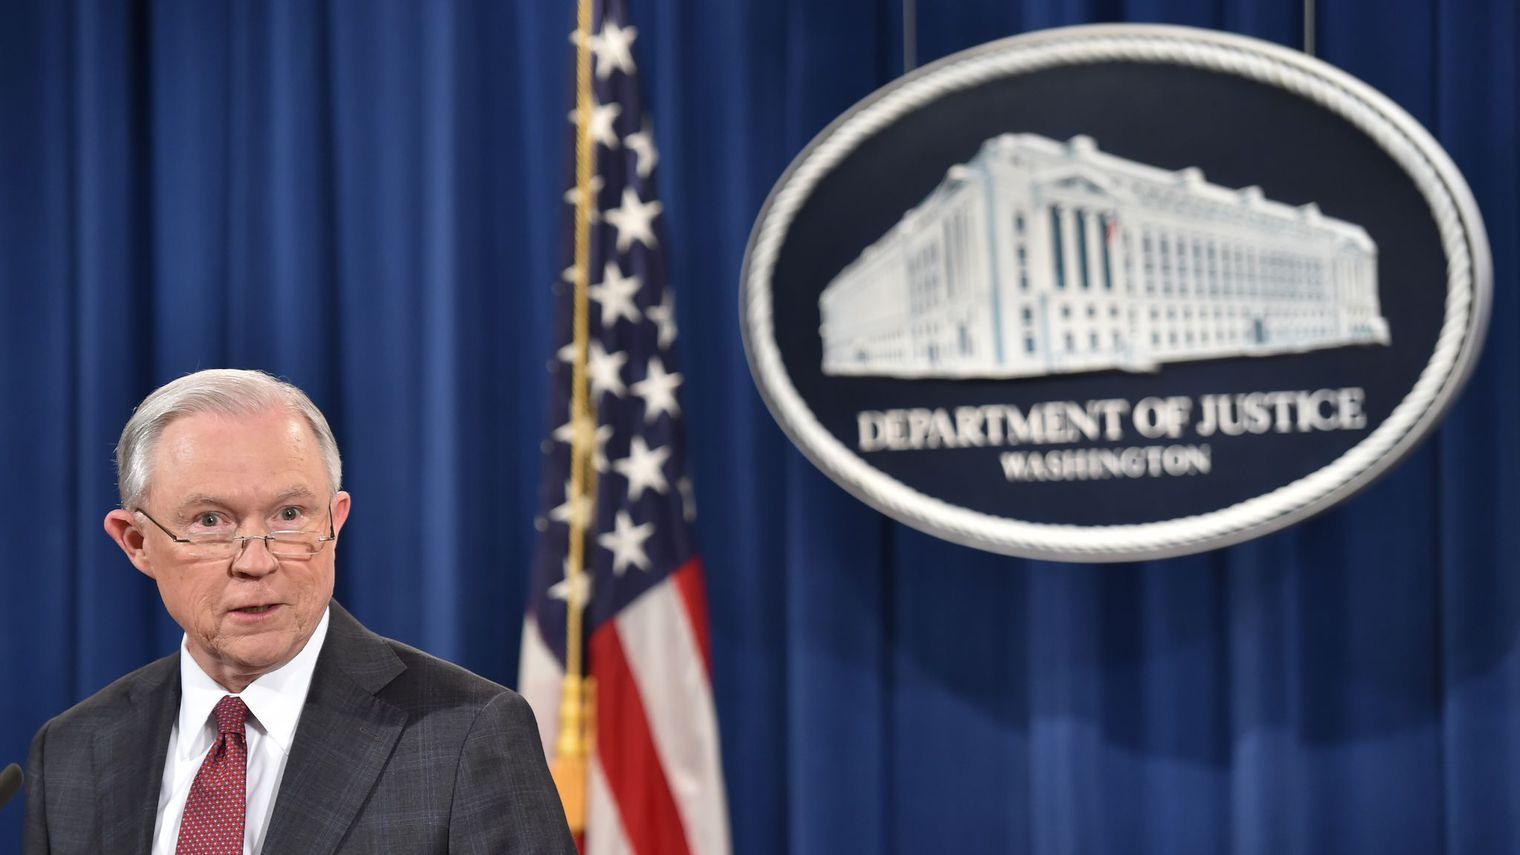 Le ministre américain de la Justice Jeff Sessions, le 2 mars 2017 à Washington  afp.com/Nicholas Kamm